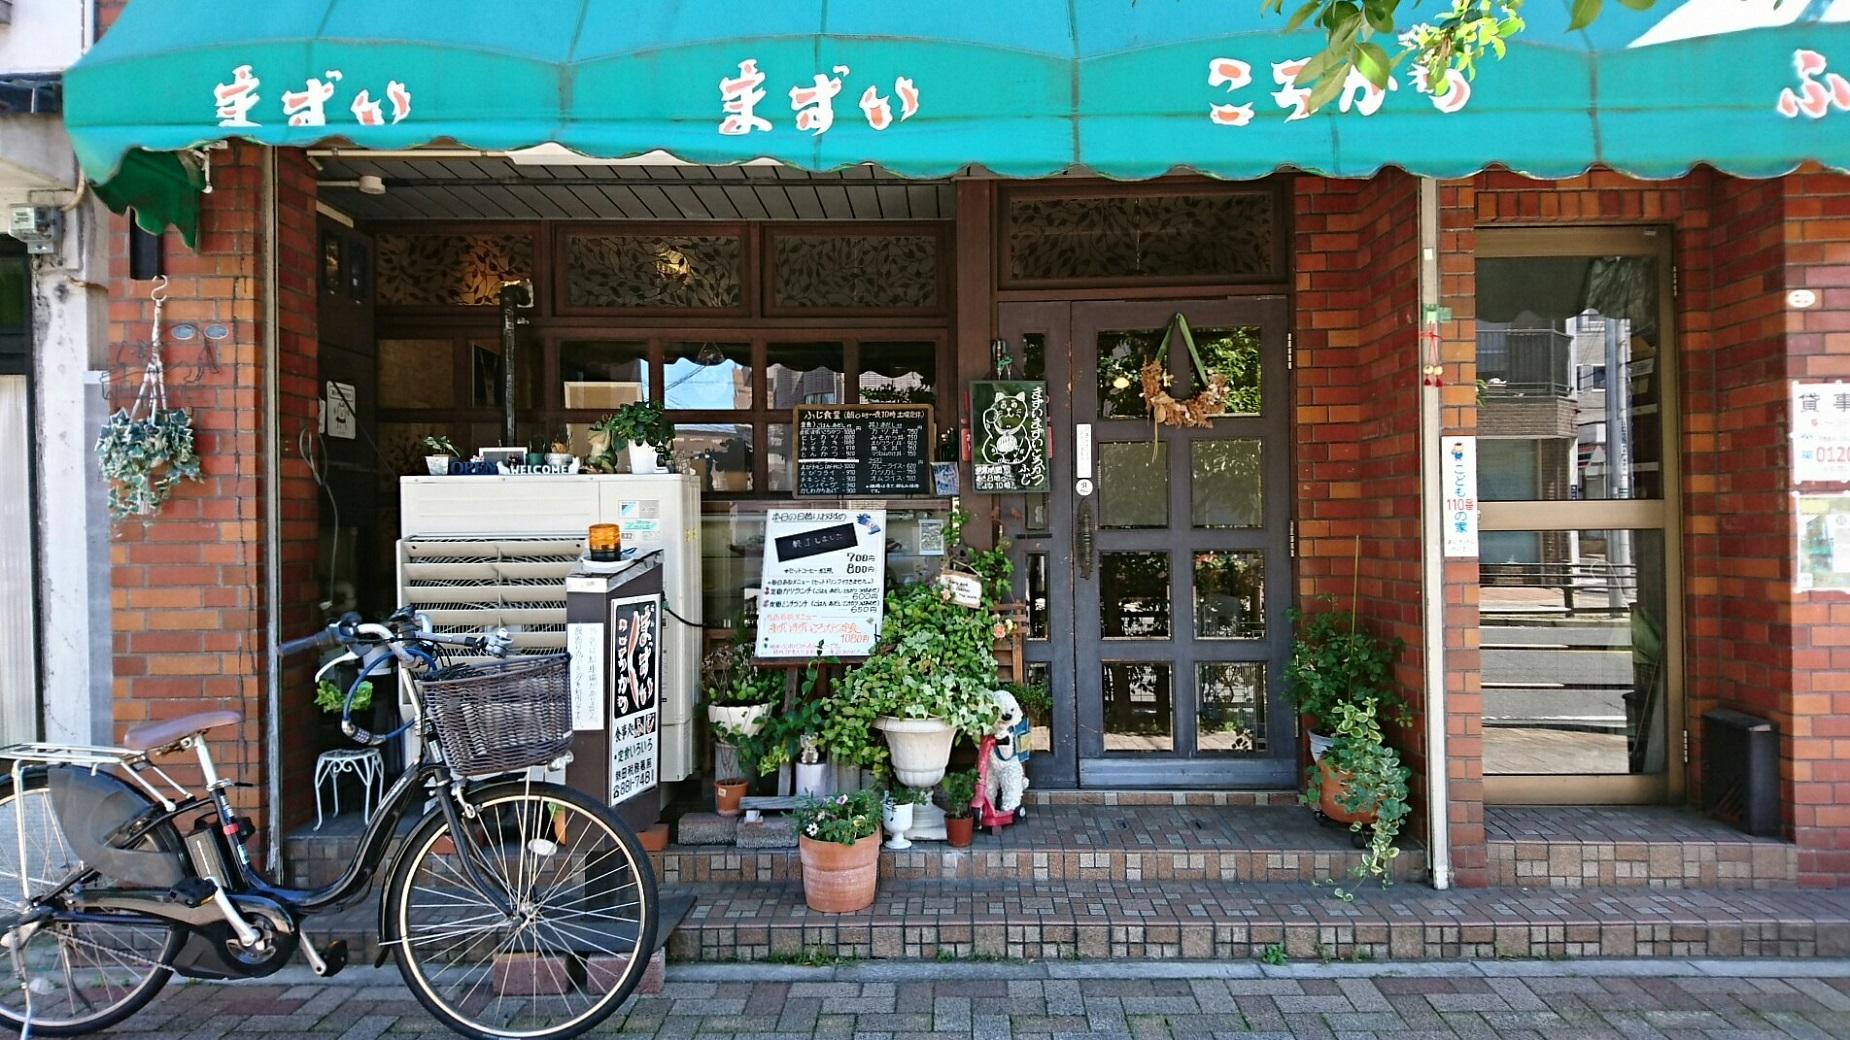 2018.6.12 (12う) ふじ 1850-1040